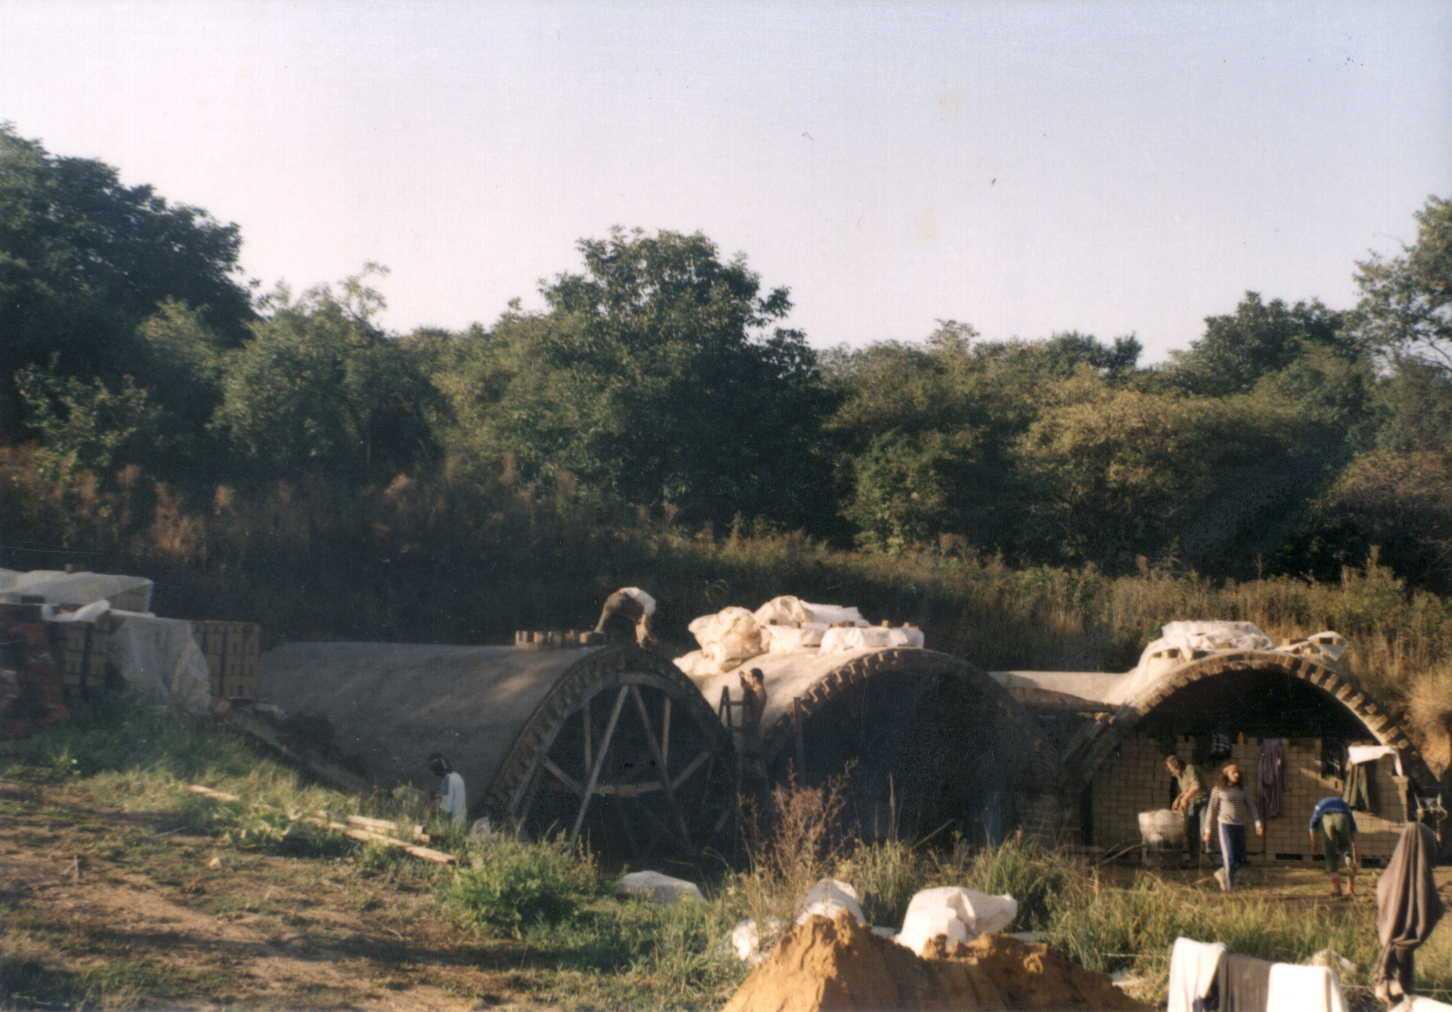 ZsilipÍvek1993